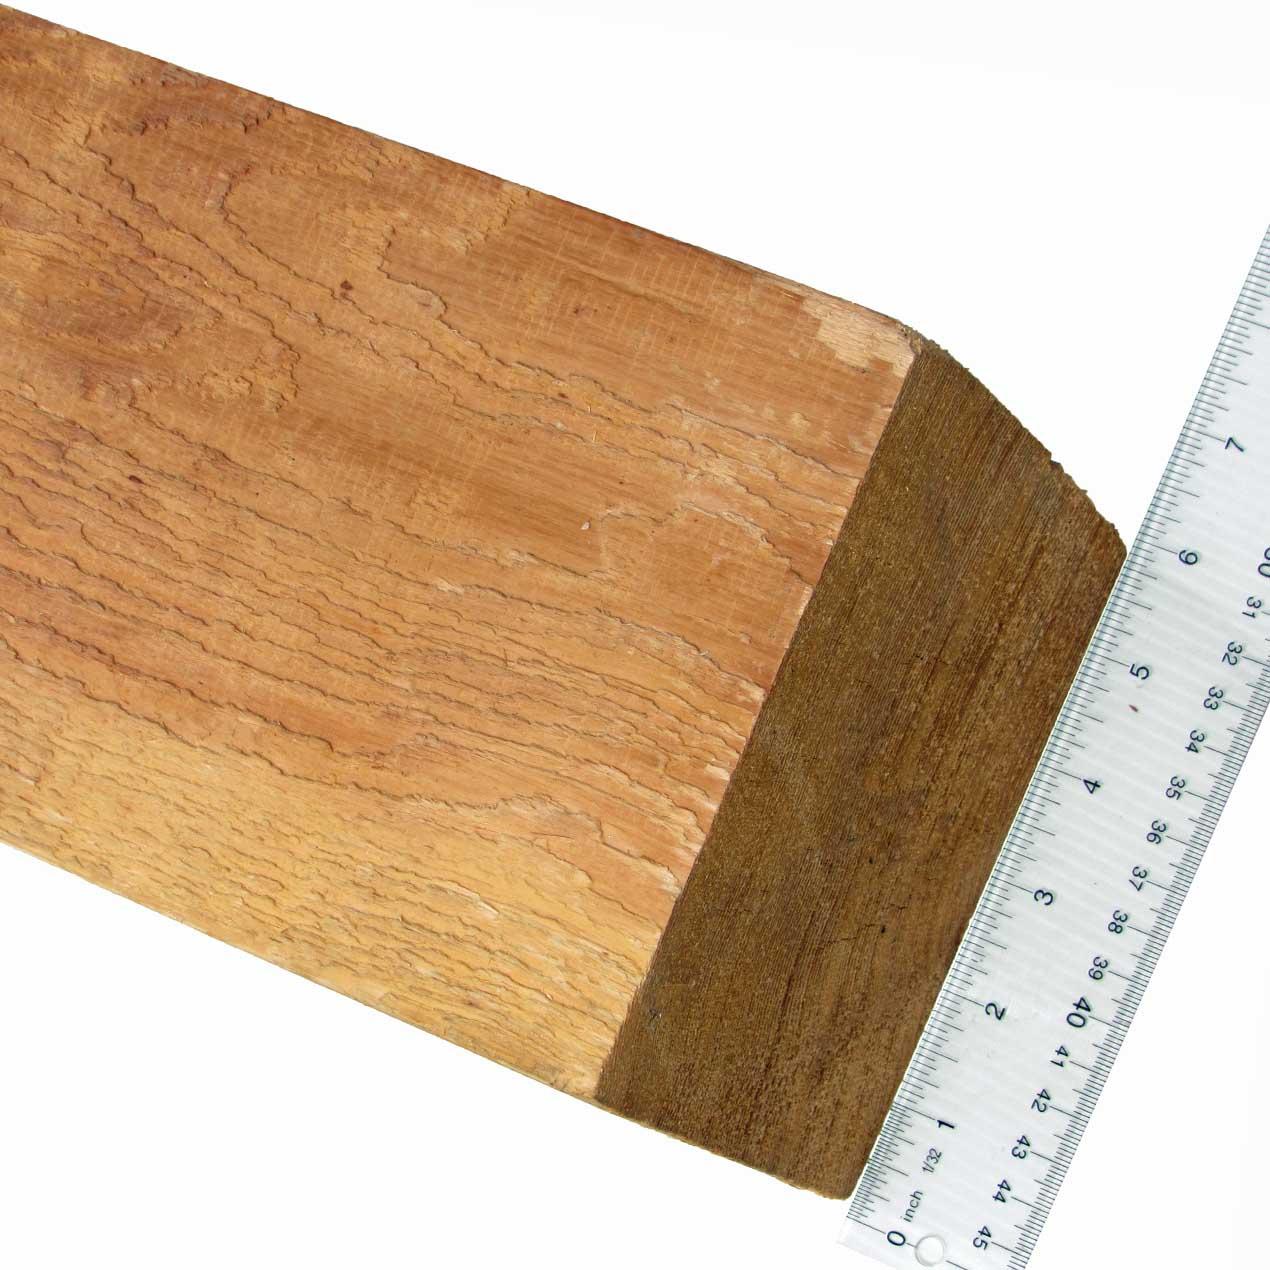 6x6 Wood